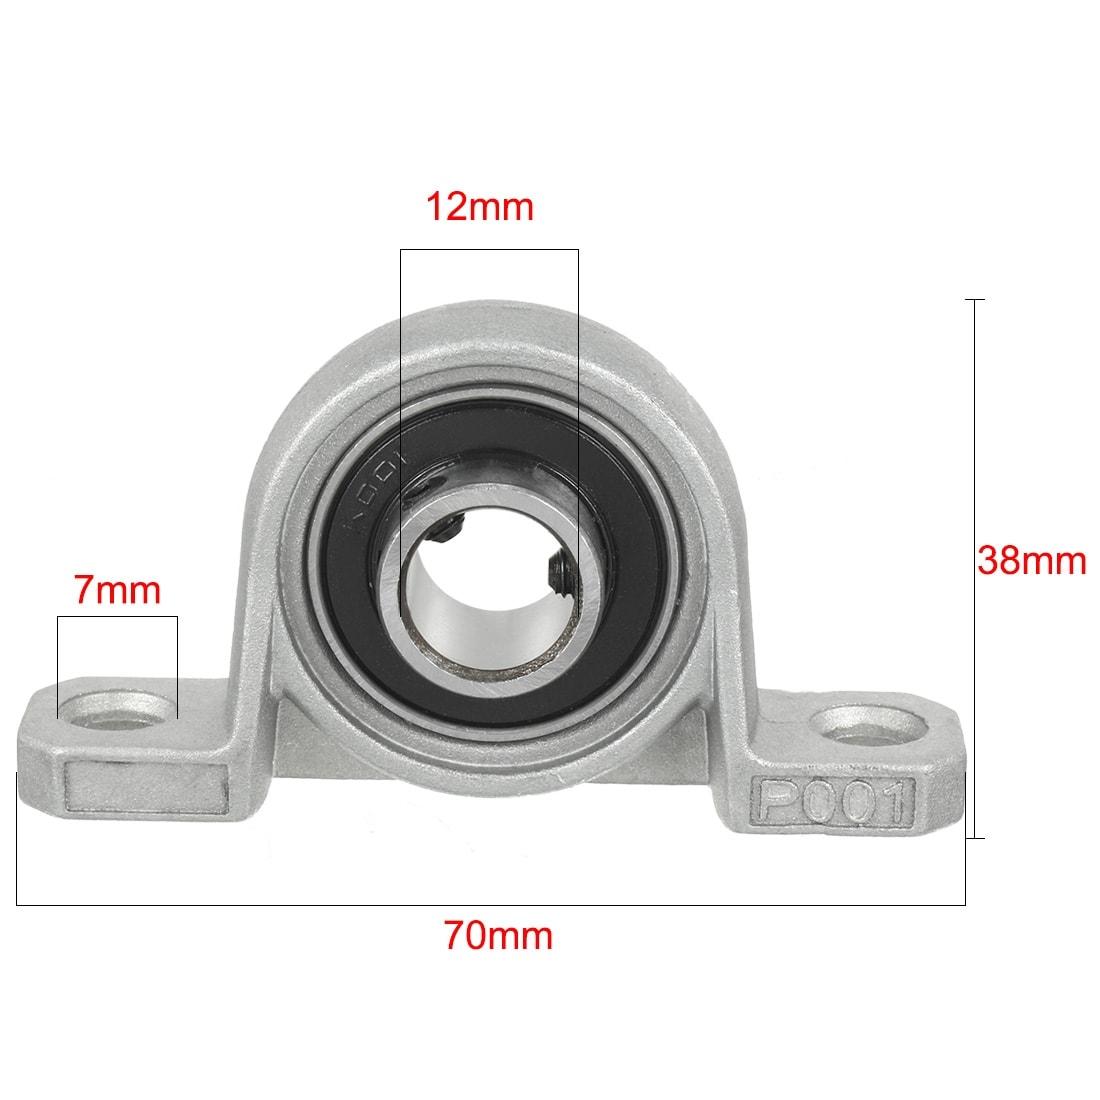 2pcs Diameter Iron Alloy  KP001 Pillow Block Housing Ball Bearing 12mm Inner